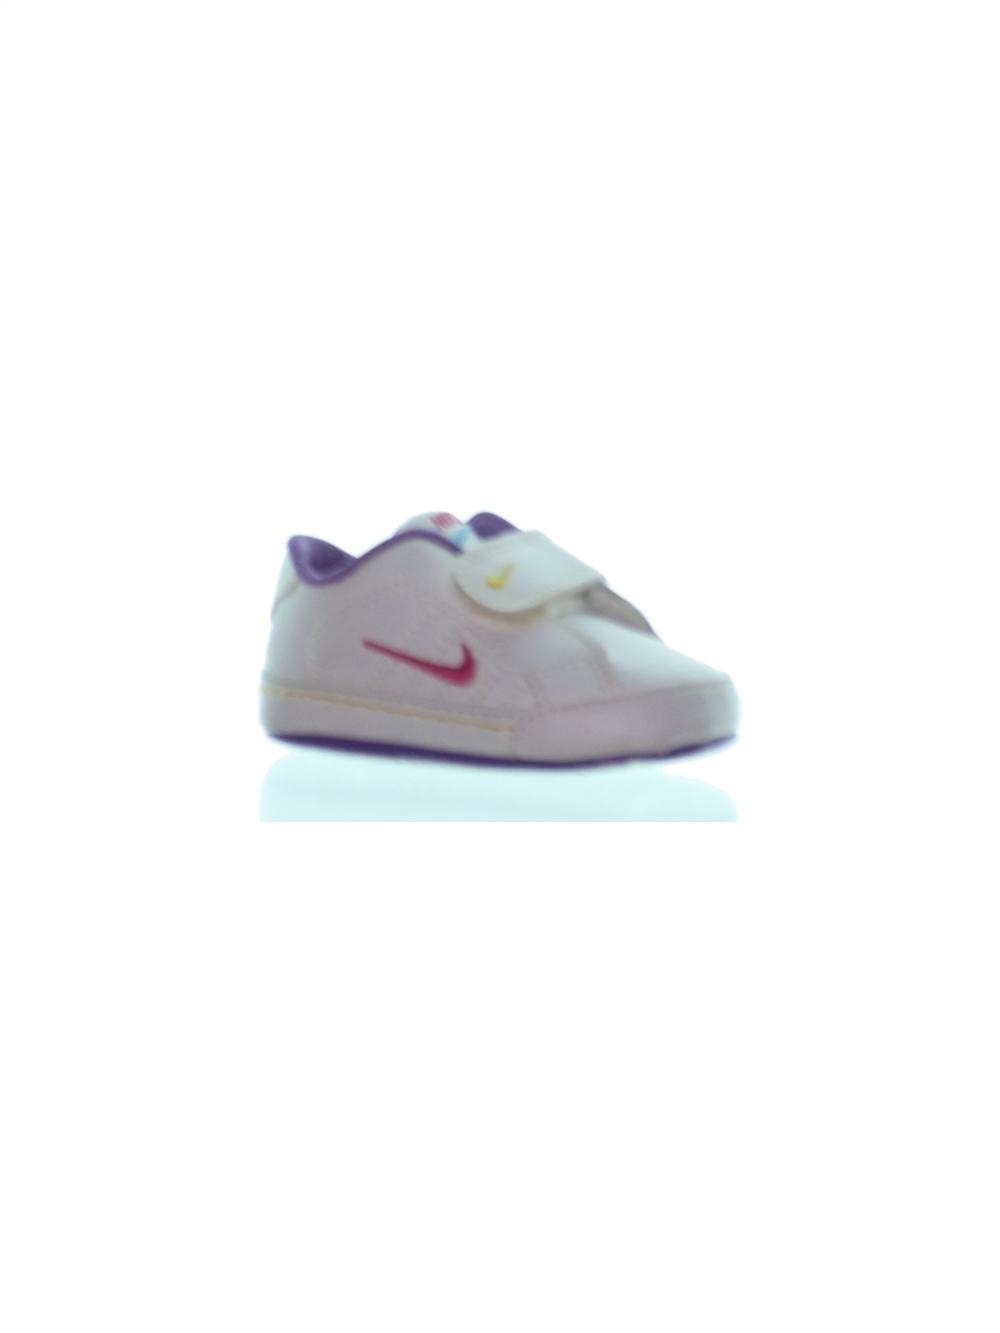 d5d6c2b1ce Chaussures bébé Fille NIKE 17 pas cher, 9.94 € - #1143456